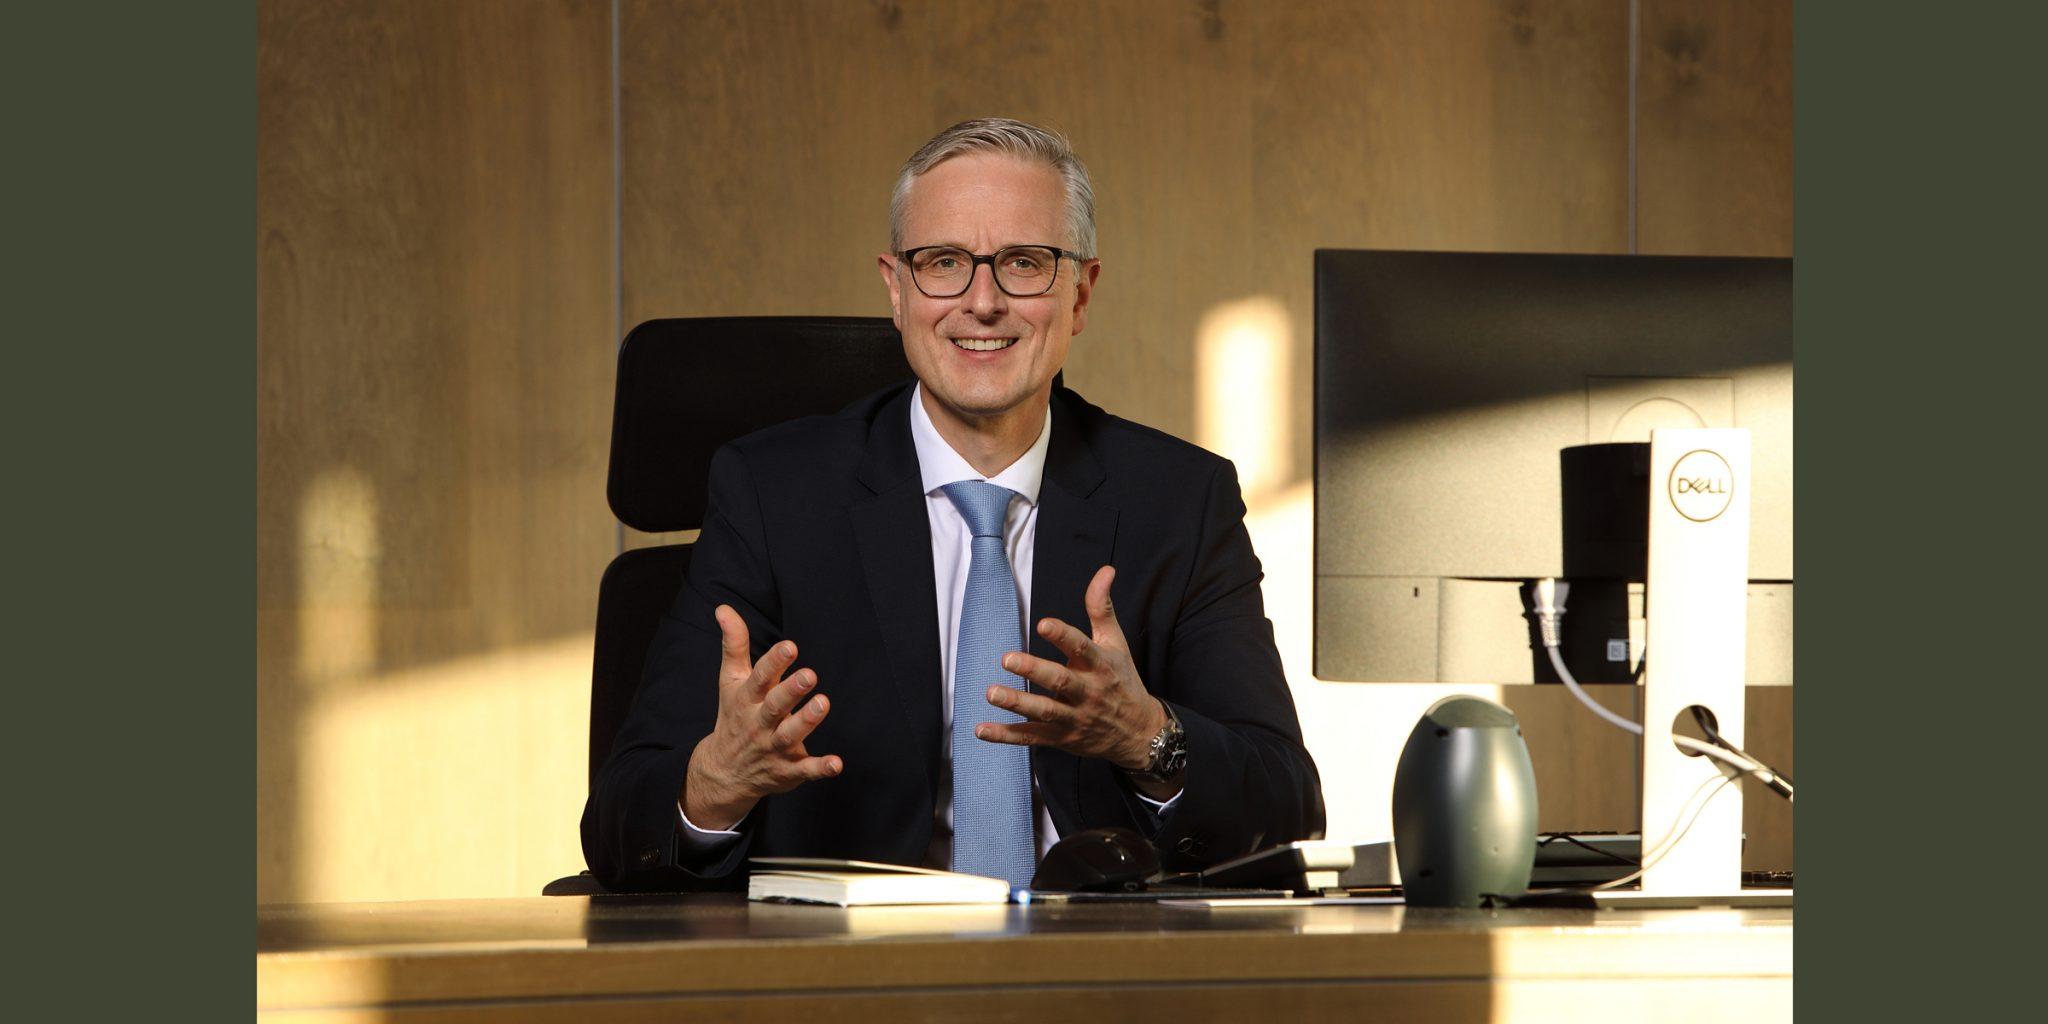 Farbportrait eines souverän lächelnden Mannes, der im Business-Anzug mit hellblauer Krawatte und dunkler Brille an einem Schreibtisch sitzt und, mit den Händen gestikulierend, posiert.